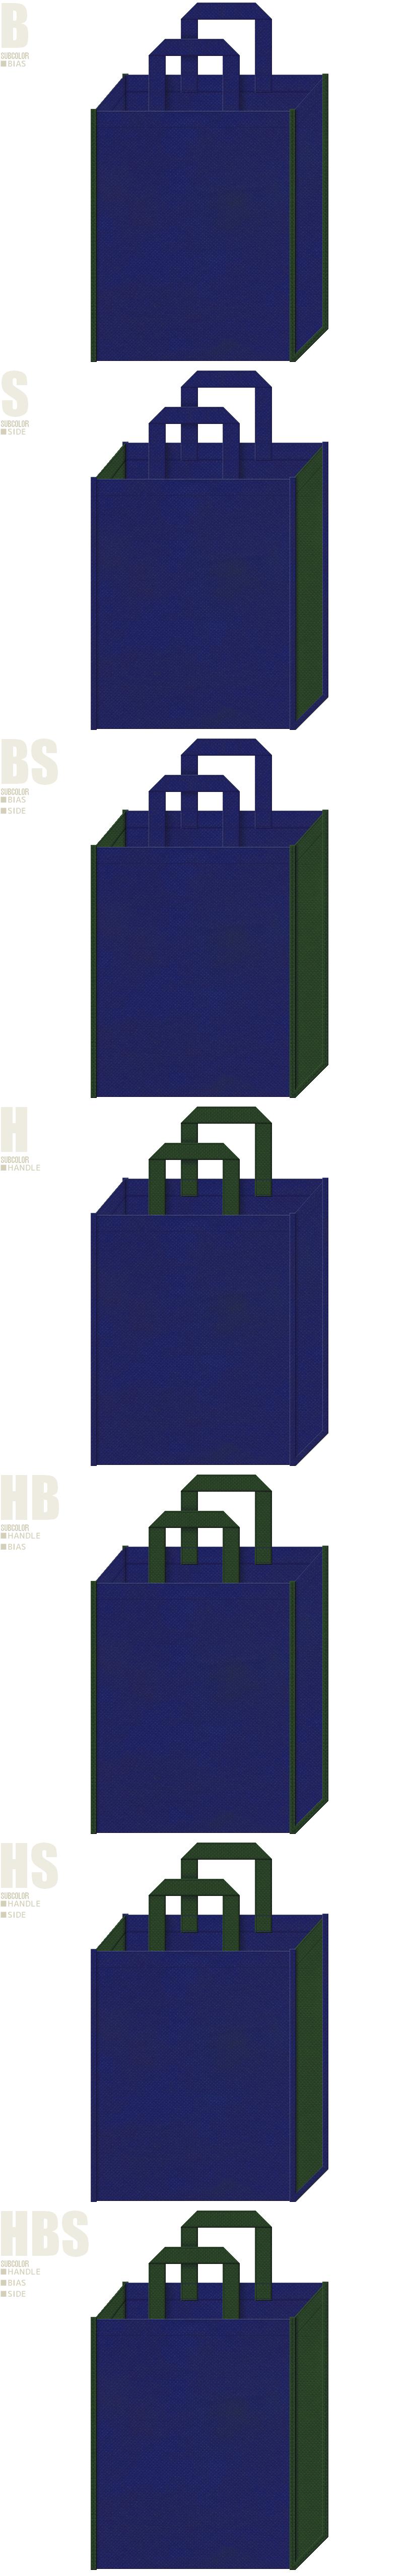 不織布バッグのデザイン:明るい紺色と濃緑色の配色7パターン